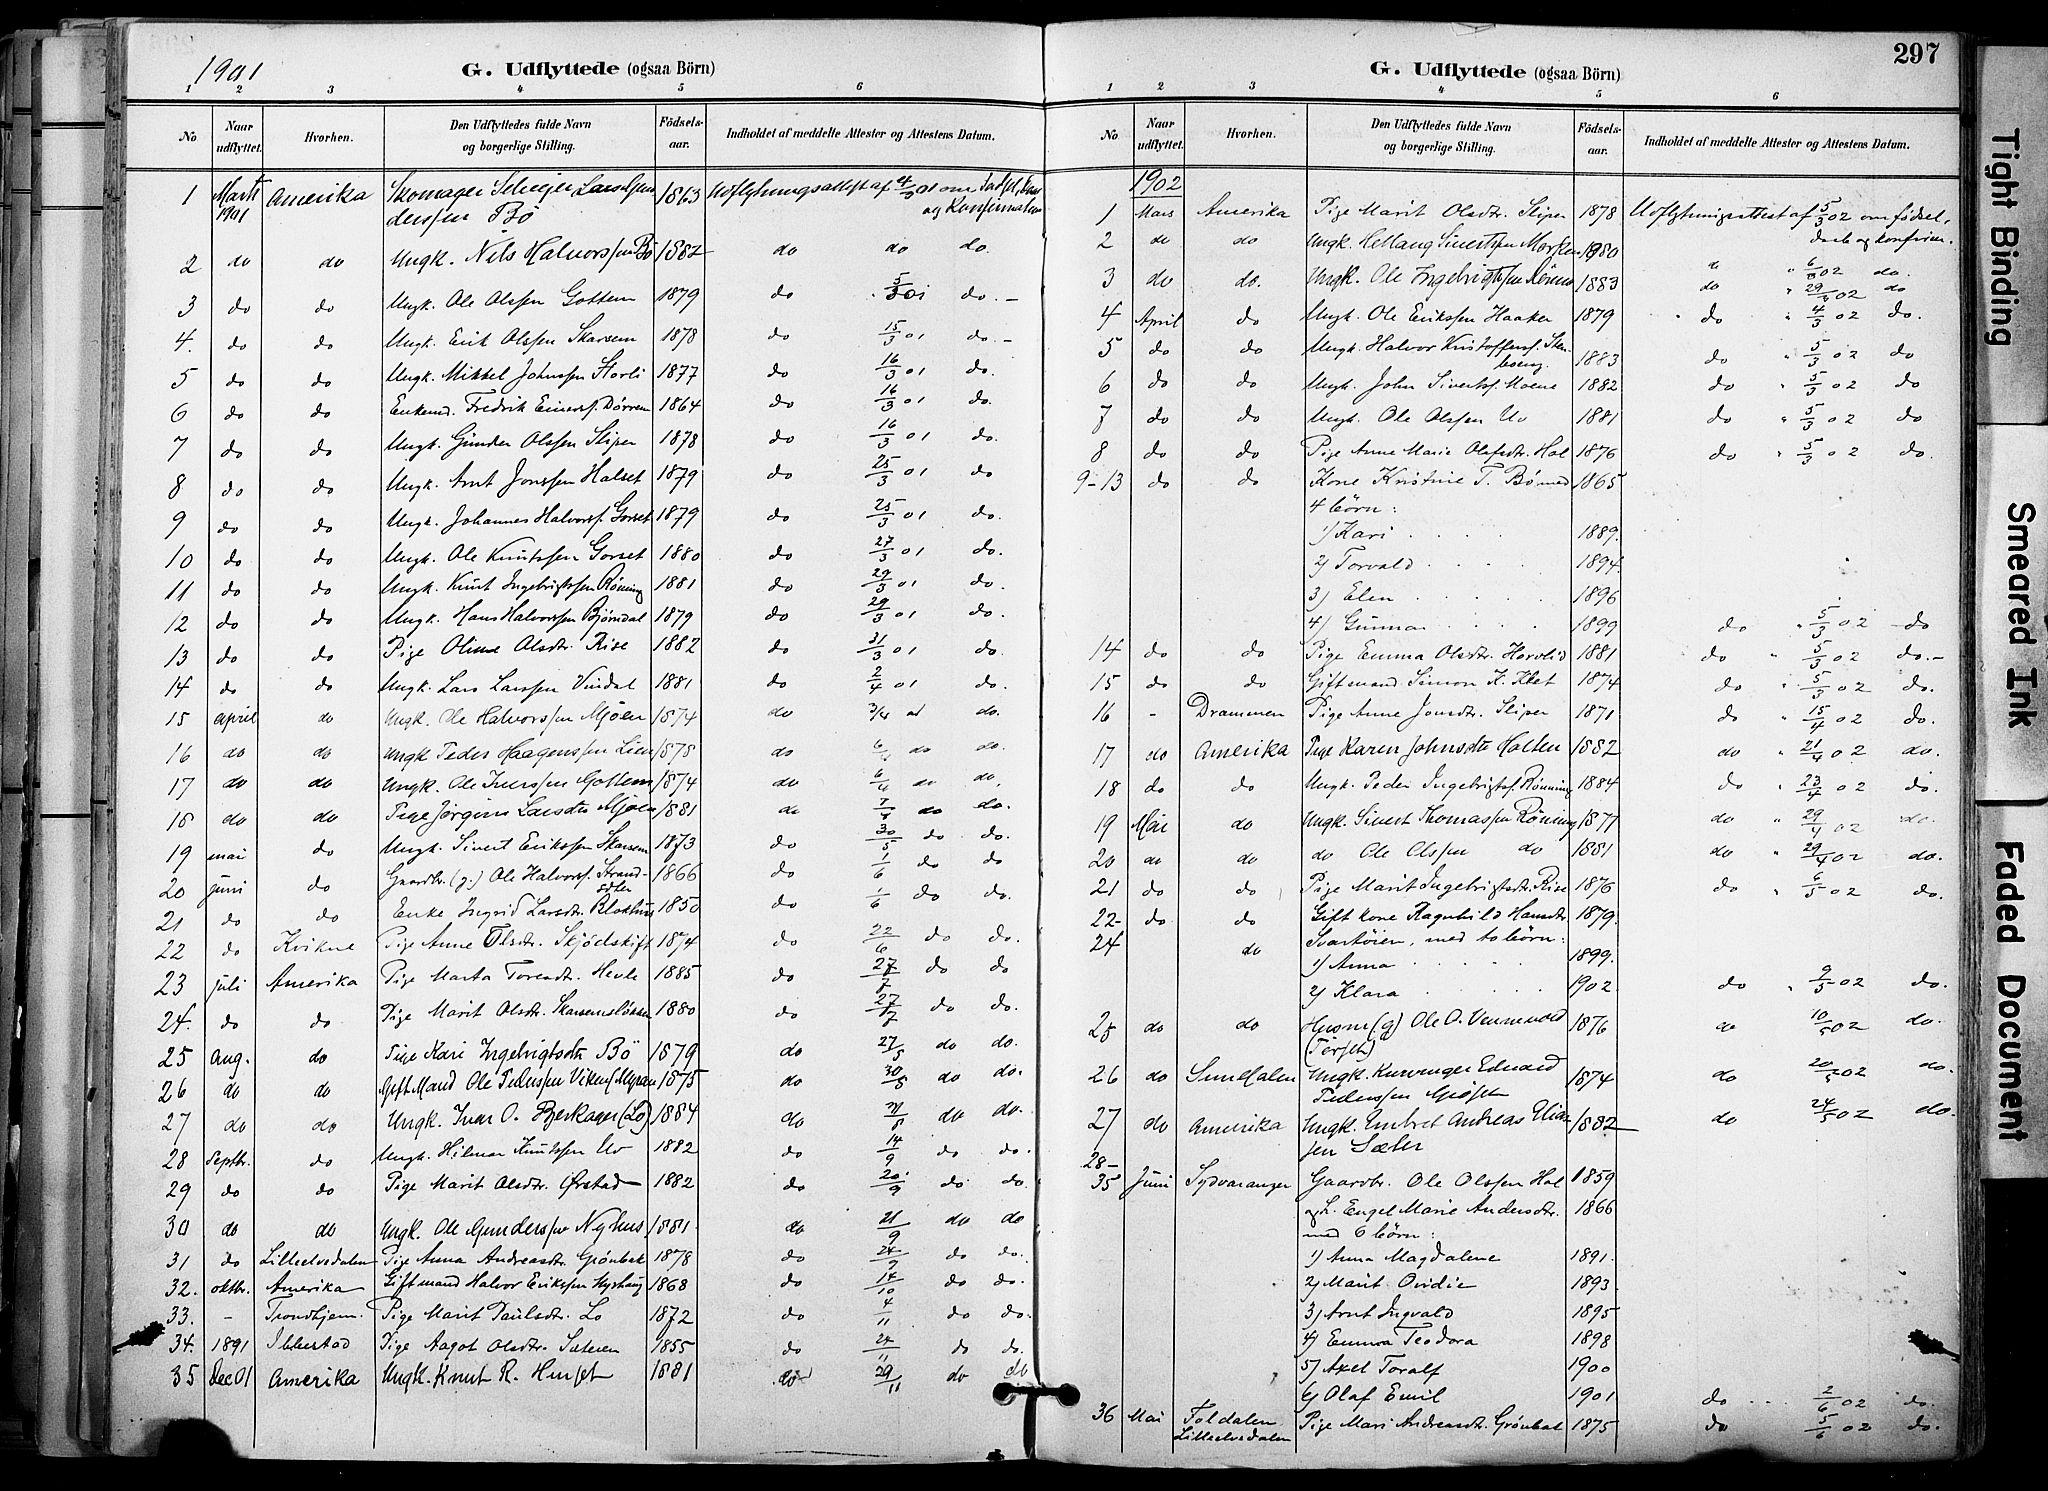 SAT, Ministerialprotokoller, klokkerbøker og fødselsregistre - Sør-Trøndelag, 678/L0902: Ministerialbok nr. 678A11, 1895-1911, s. 297